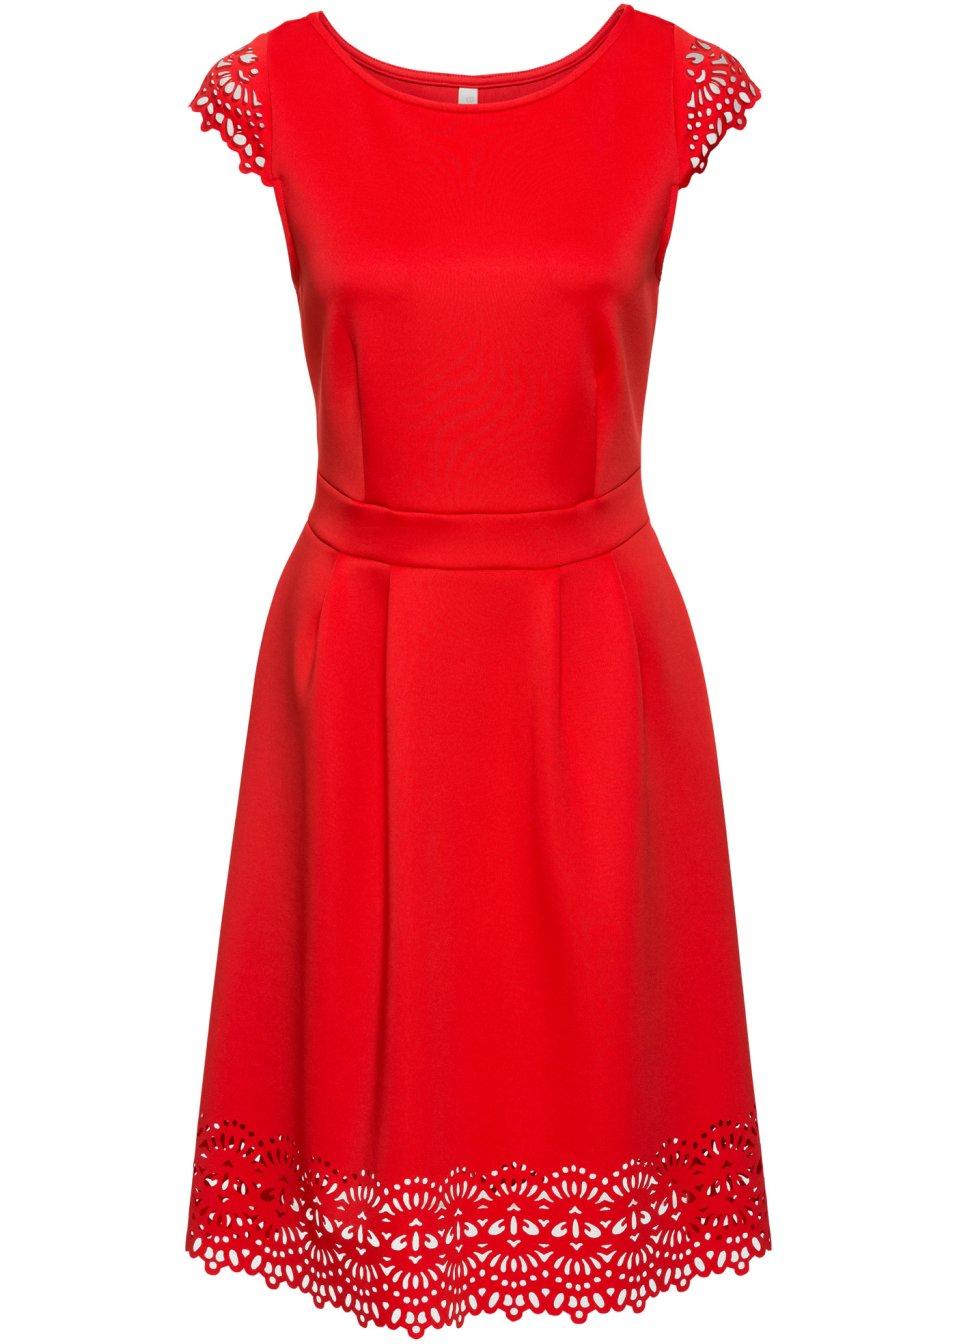 Rote Abendkleider - Einfach verführerisch | bonprix